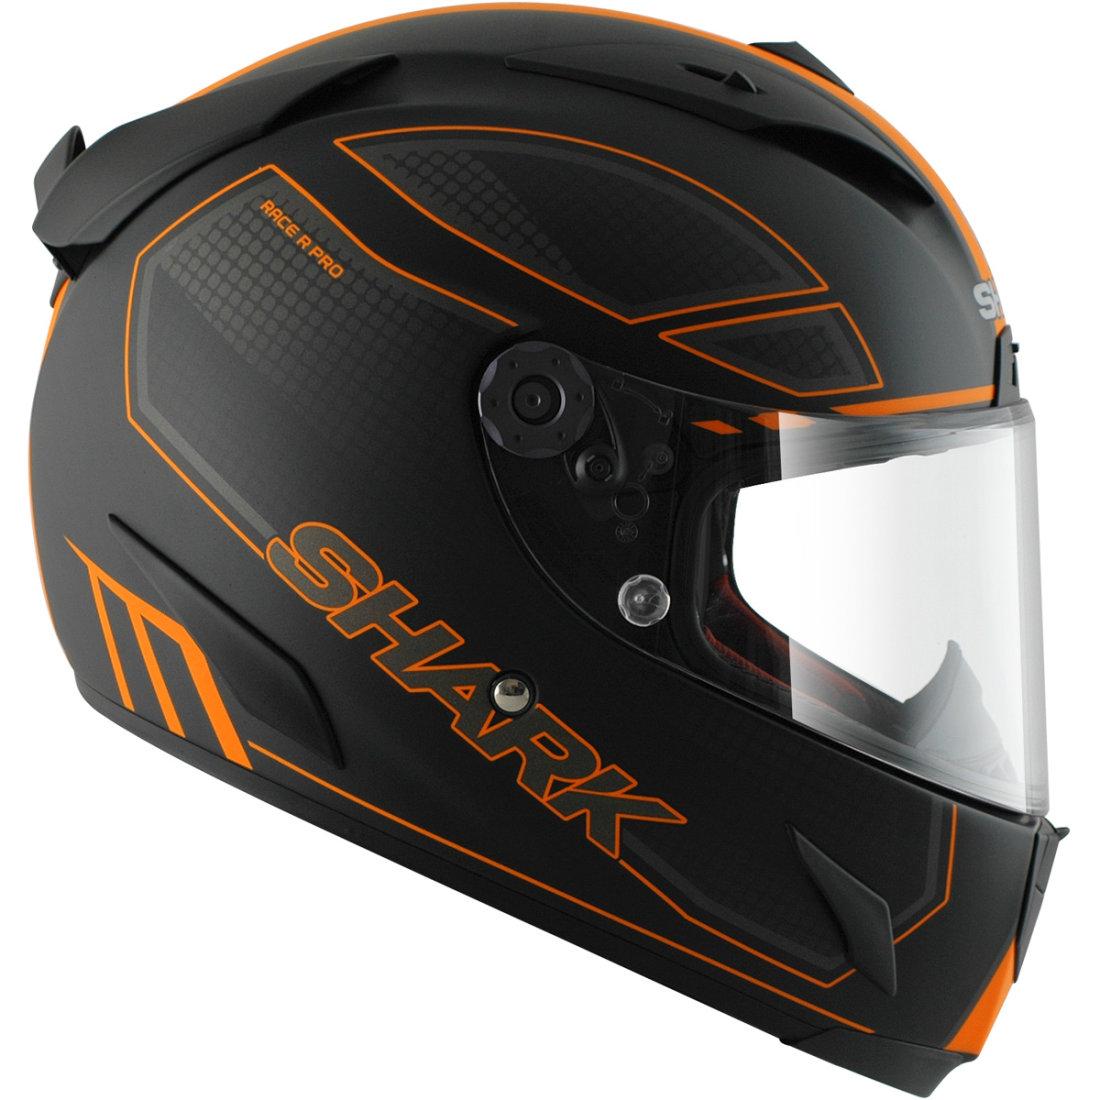 shark race r pro chaz n mat or ant helmet motocard. Black Bedroom Furniture Sets. Home Design Ideas